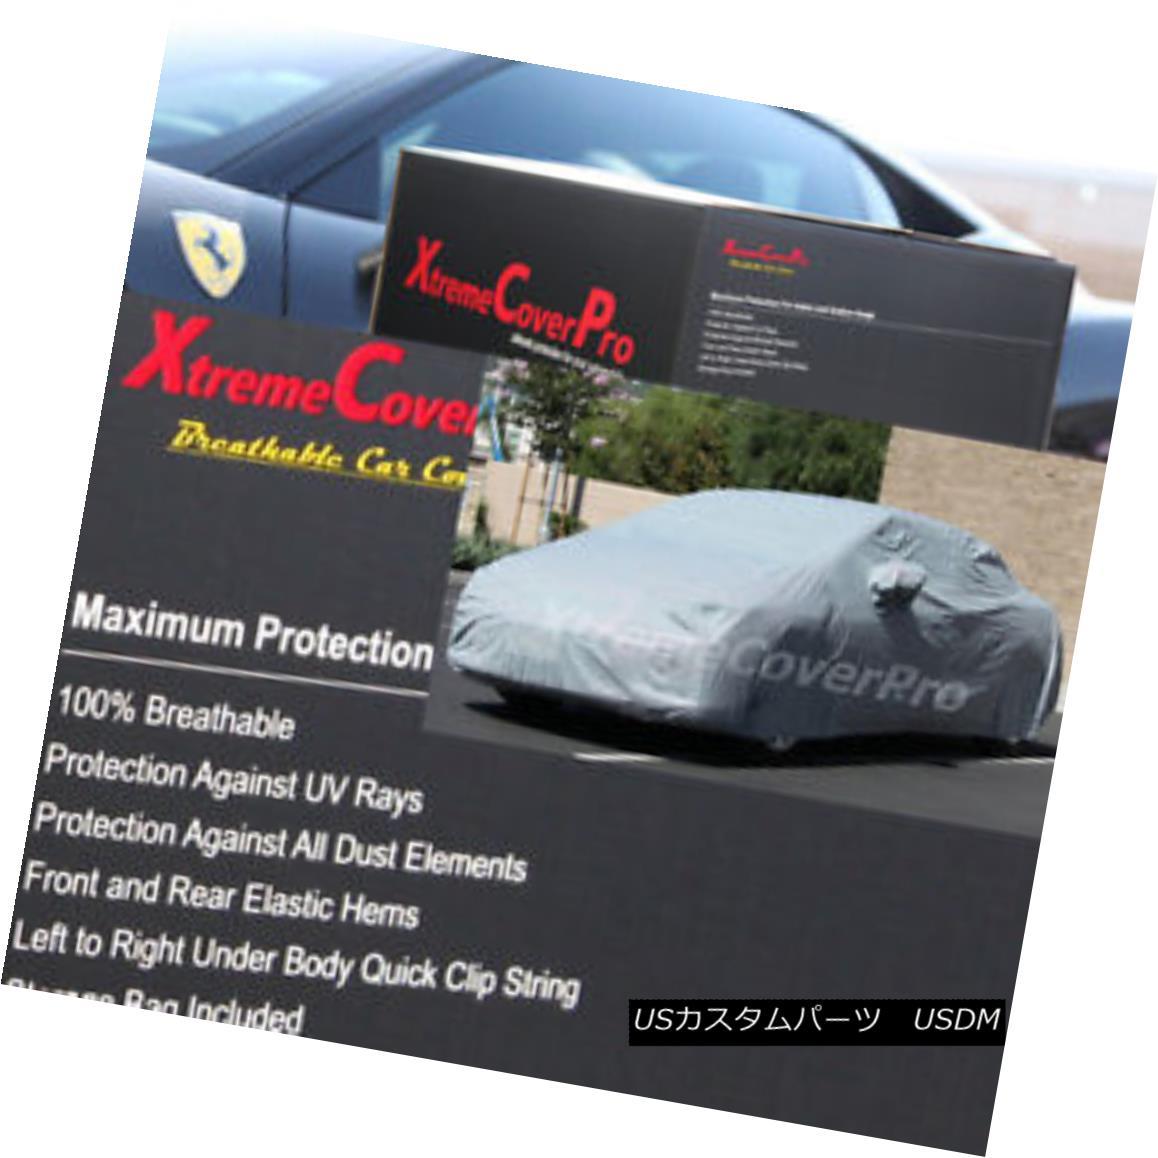 カーカバー 2000 2001 Ford Focus 5-Door Hatchback Breathable Car Cover w/MirrorPocket 2000年2001年フォードフォーカス5ドアハッチバック通気性車カバー付きMirrorPocket